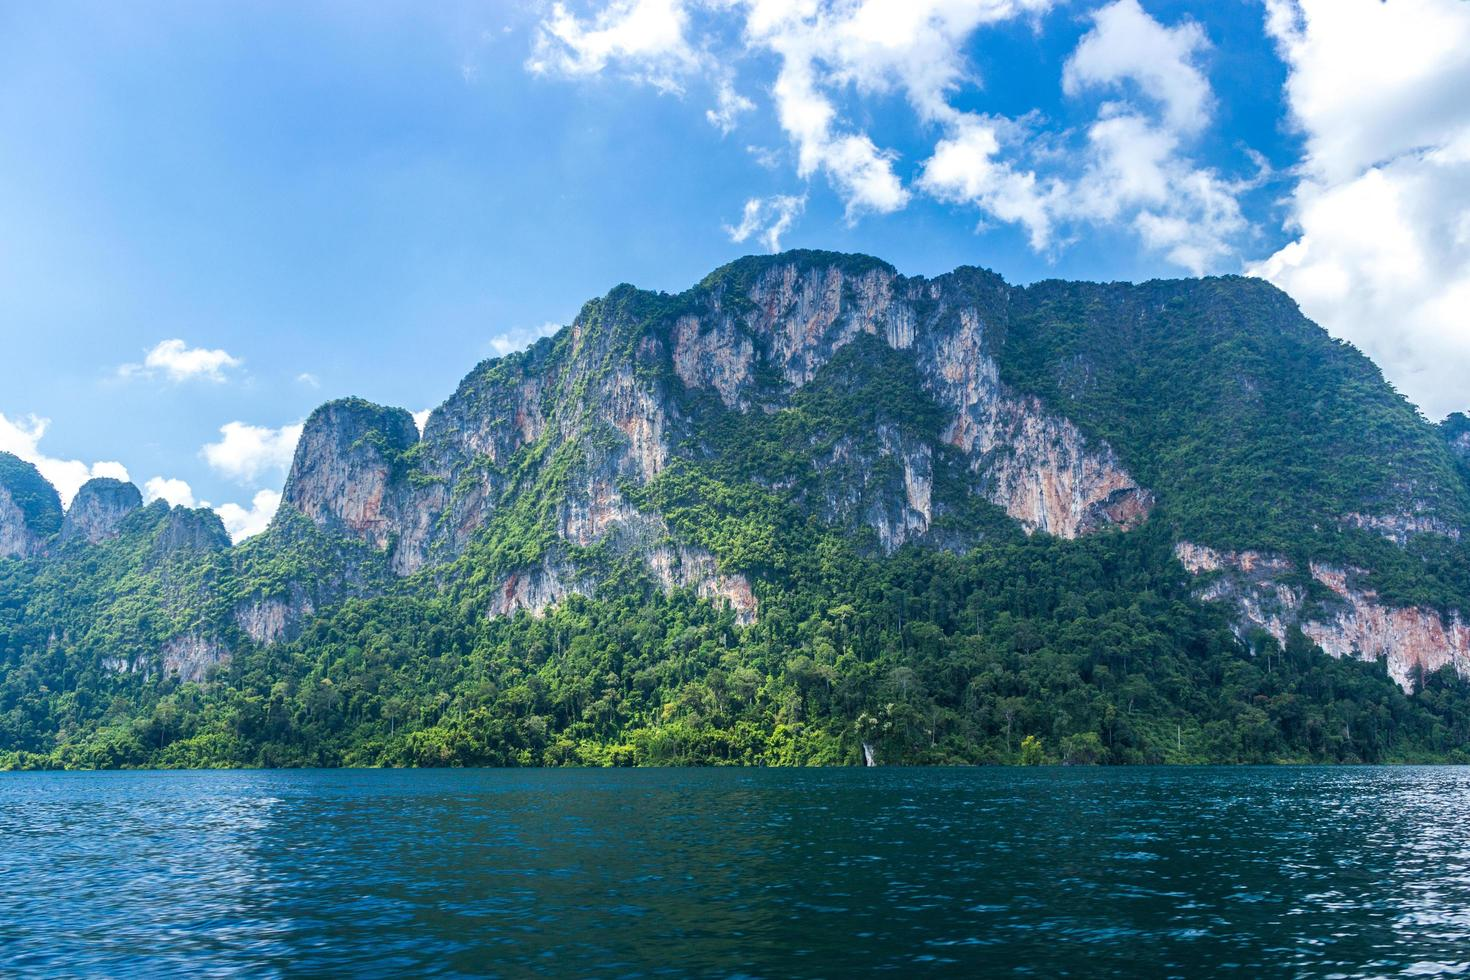 montagne e acqua con cielo blu nuvoloso foto